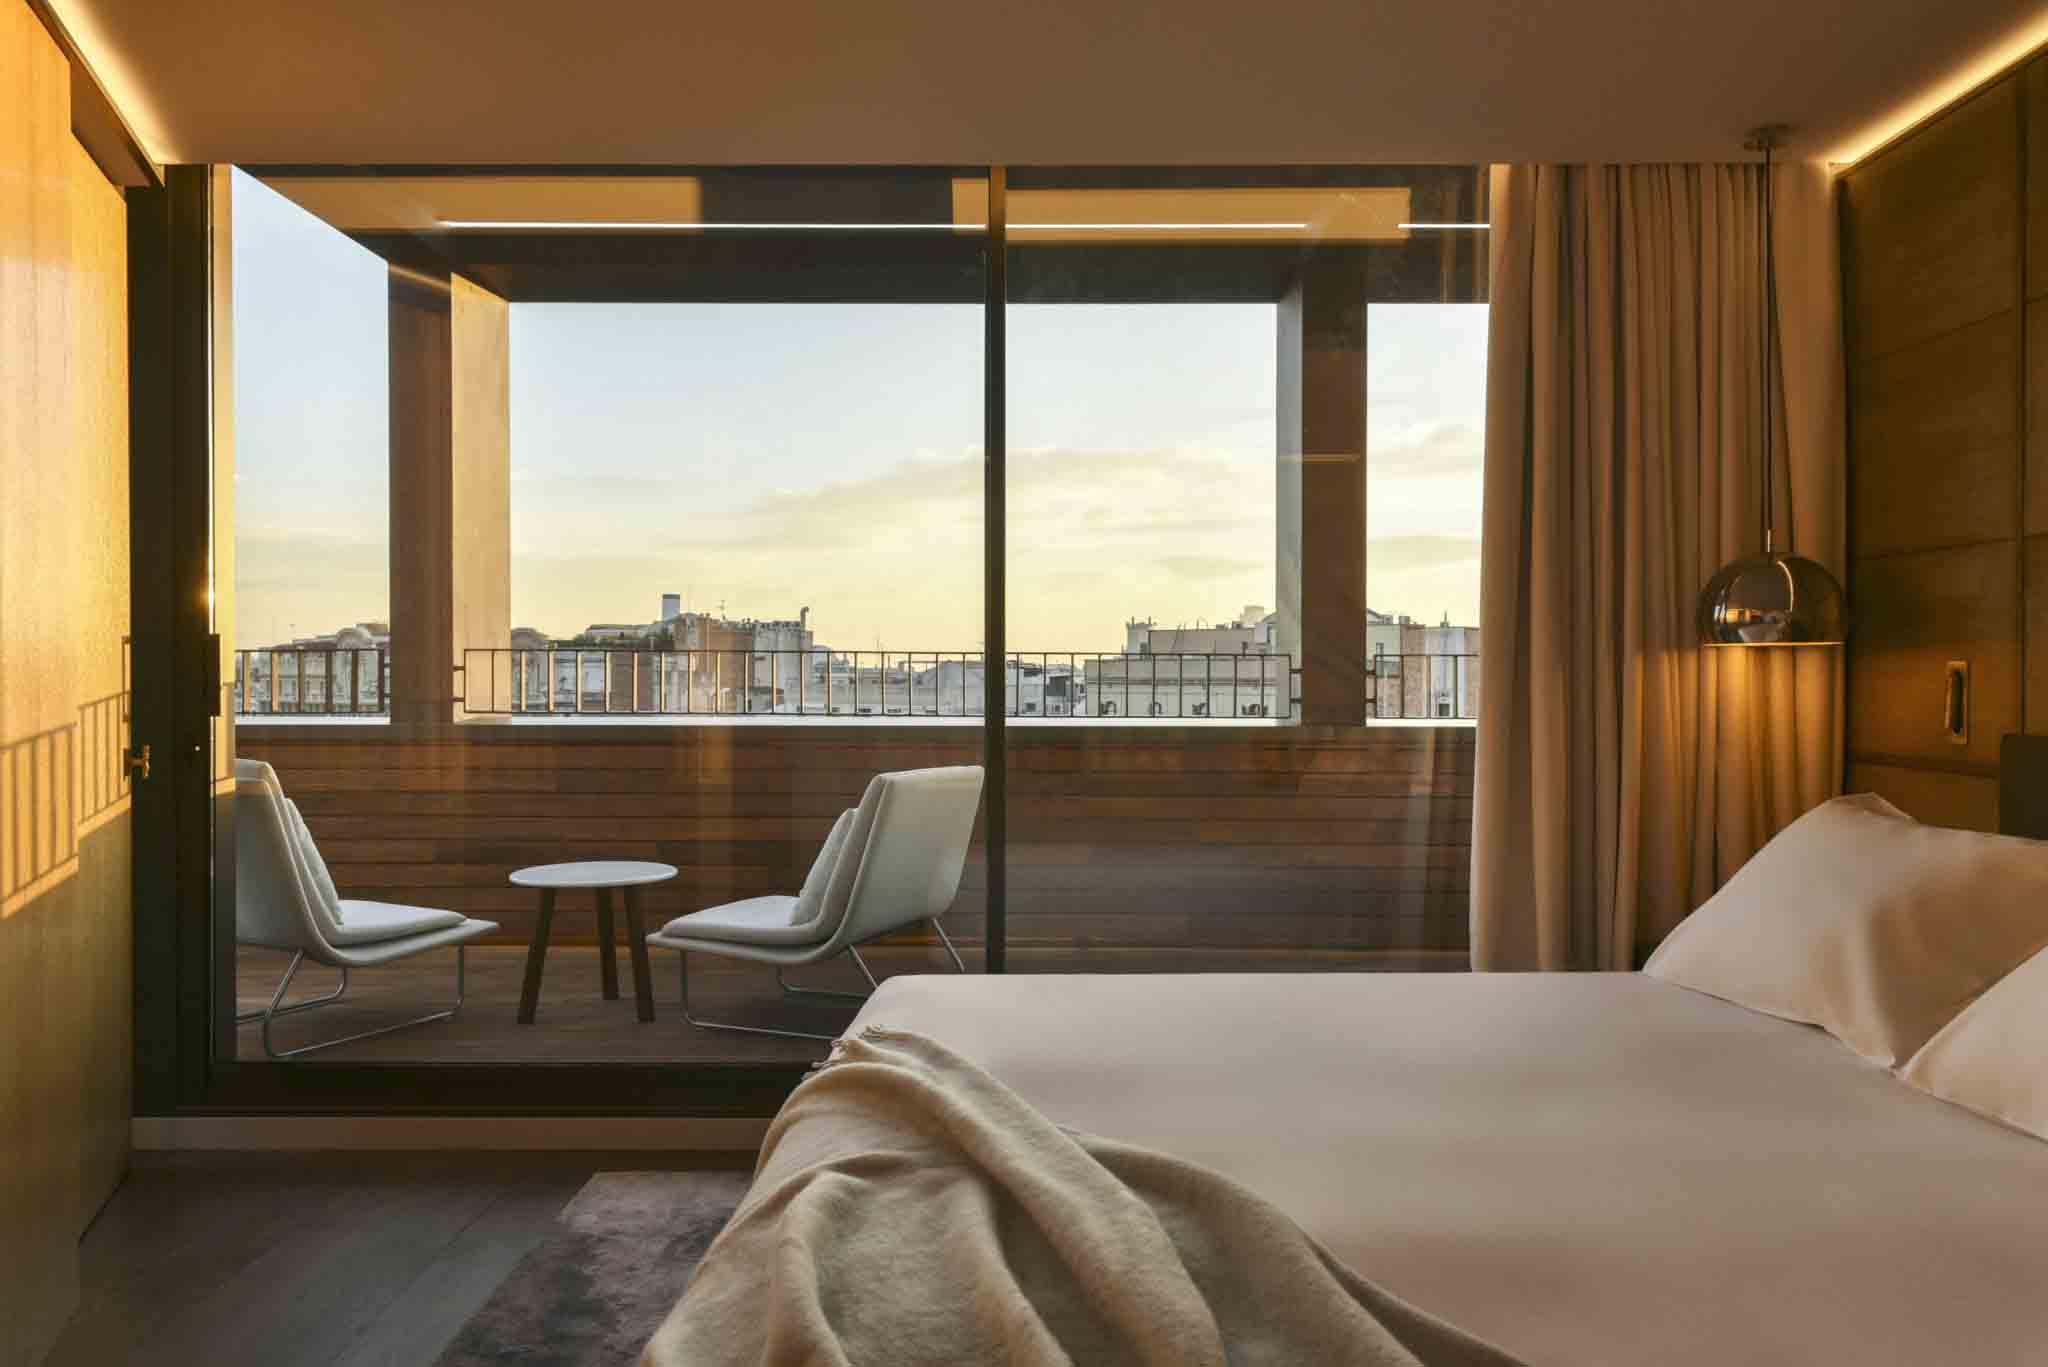 hotel-almanac-gran-via-01